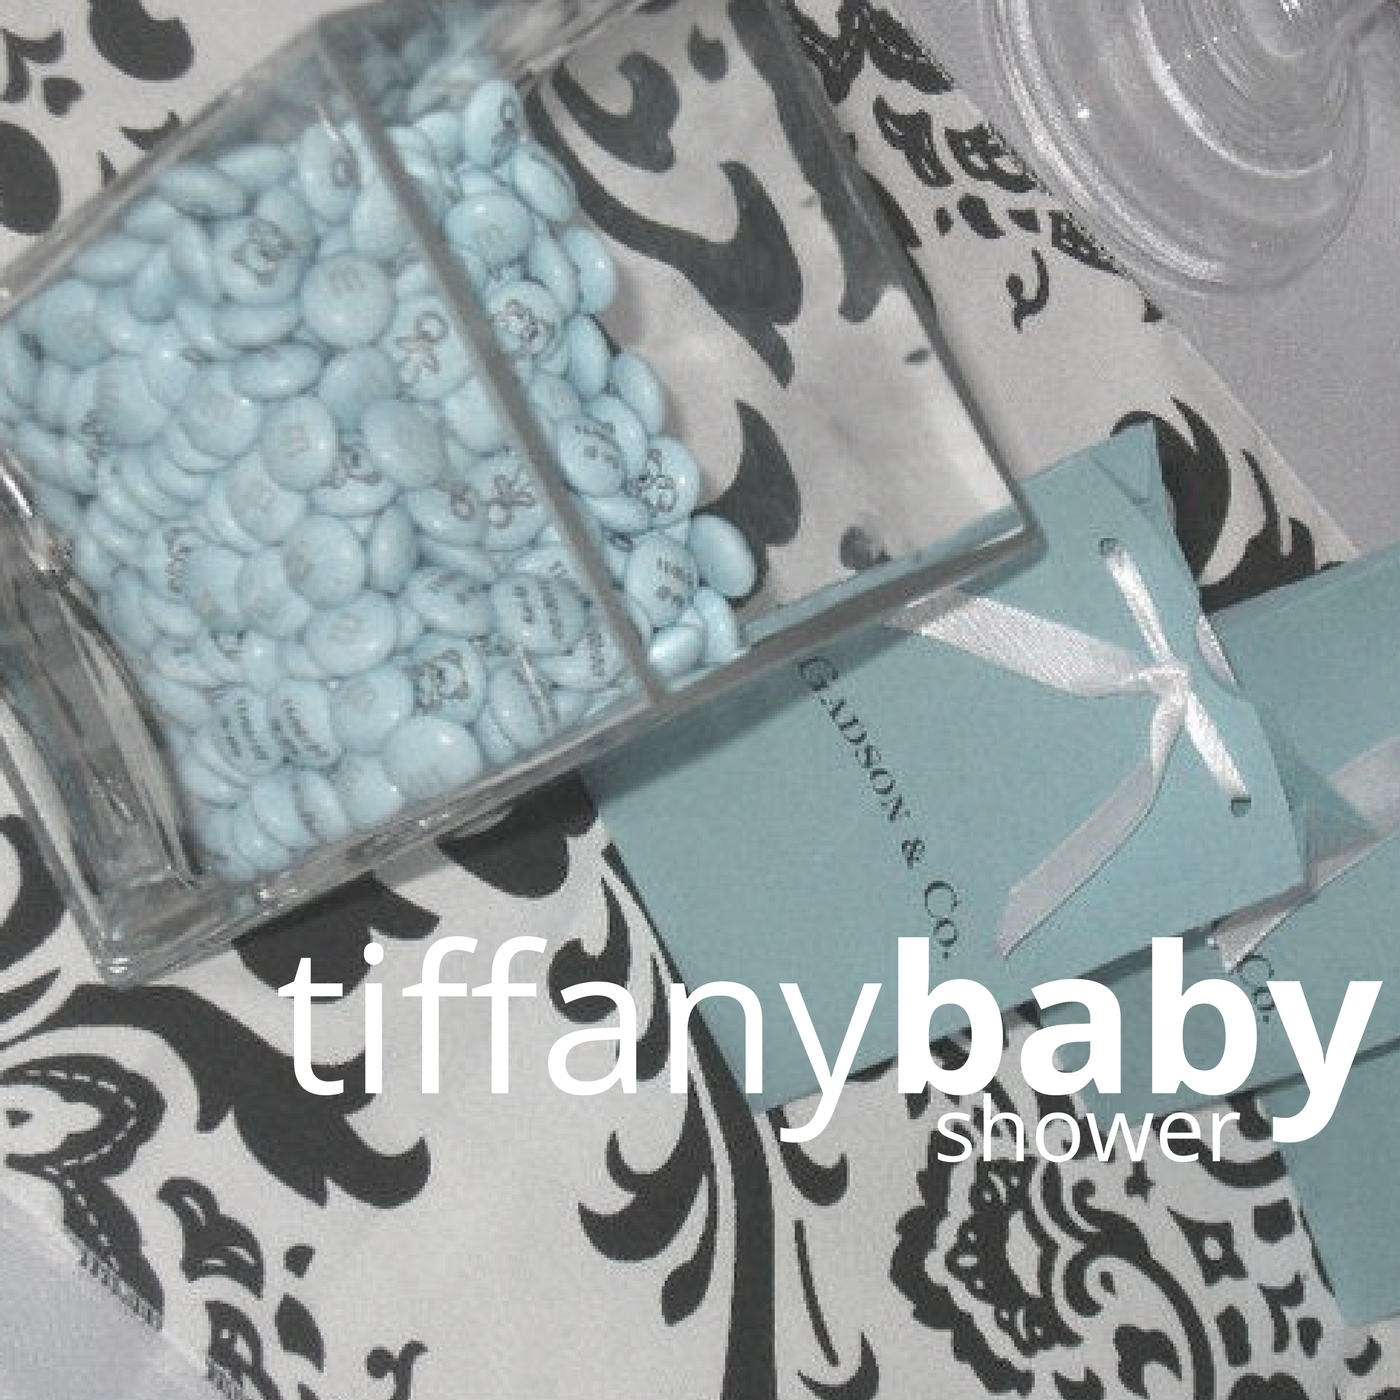 tiffanybaby.jpg